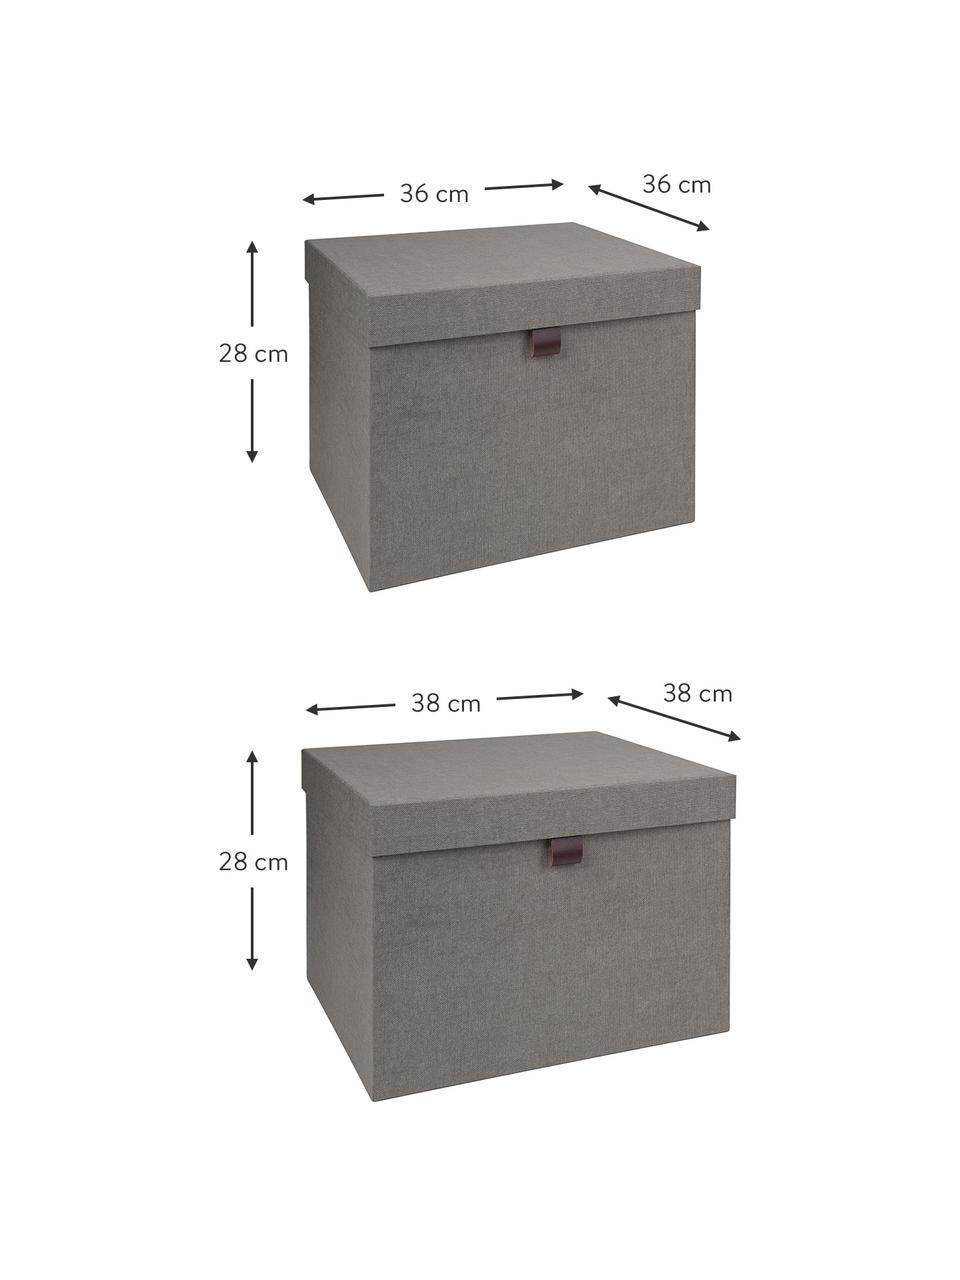 Aufbewahrungsboxen-Set Tristan, 2-tlg., Box: Fester, laminierter Karto, Griff: Leder, Grau, Sondergrößen